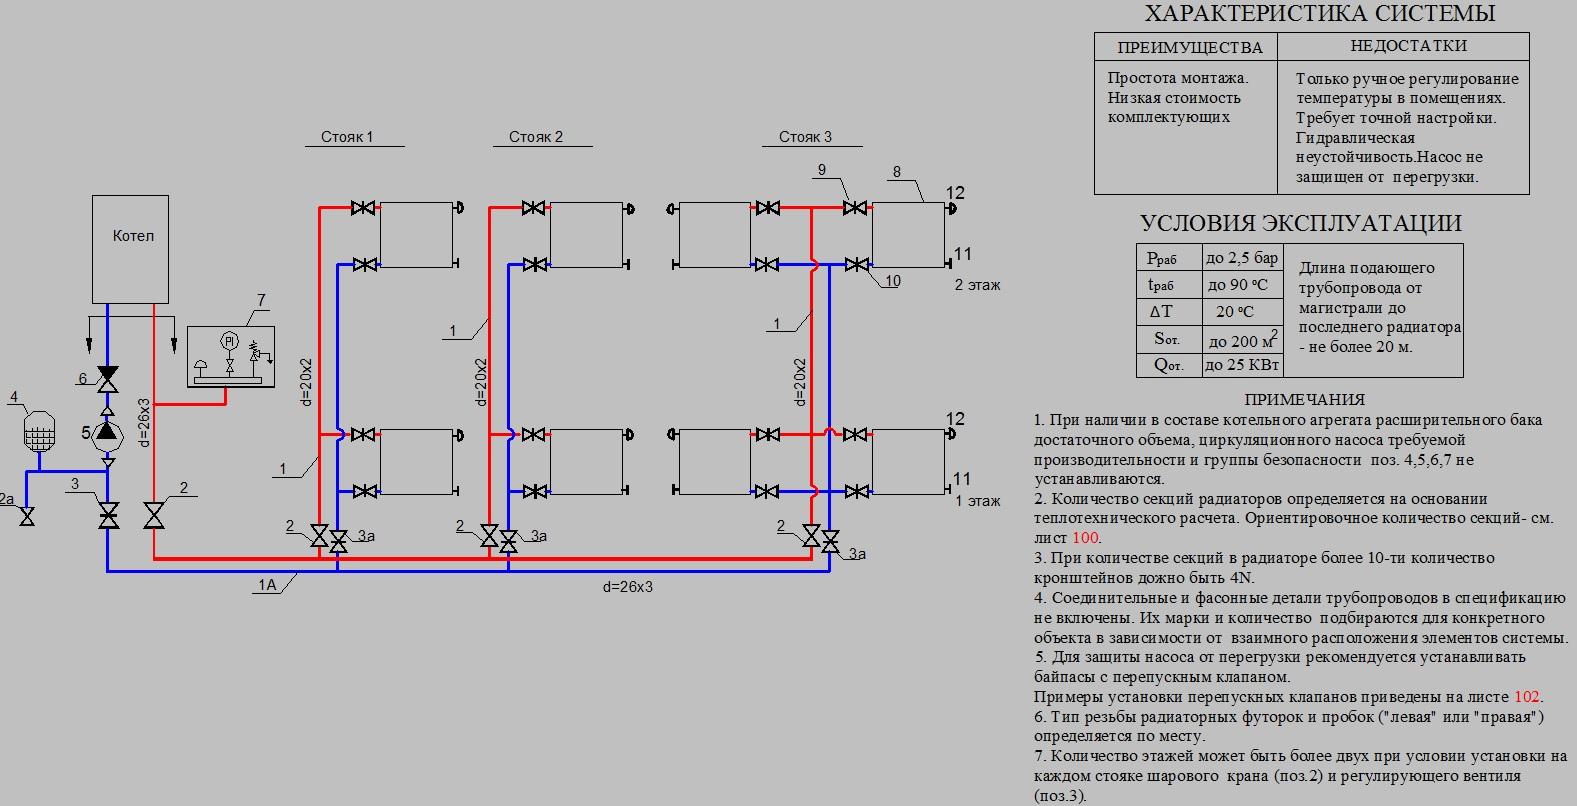 Нормы и правила организации системы горячего водоснабжения